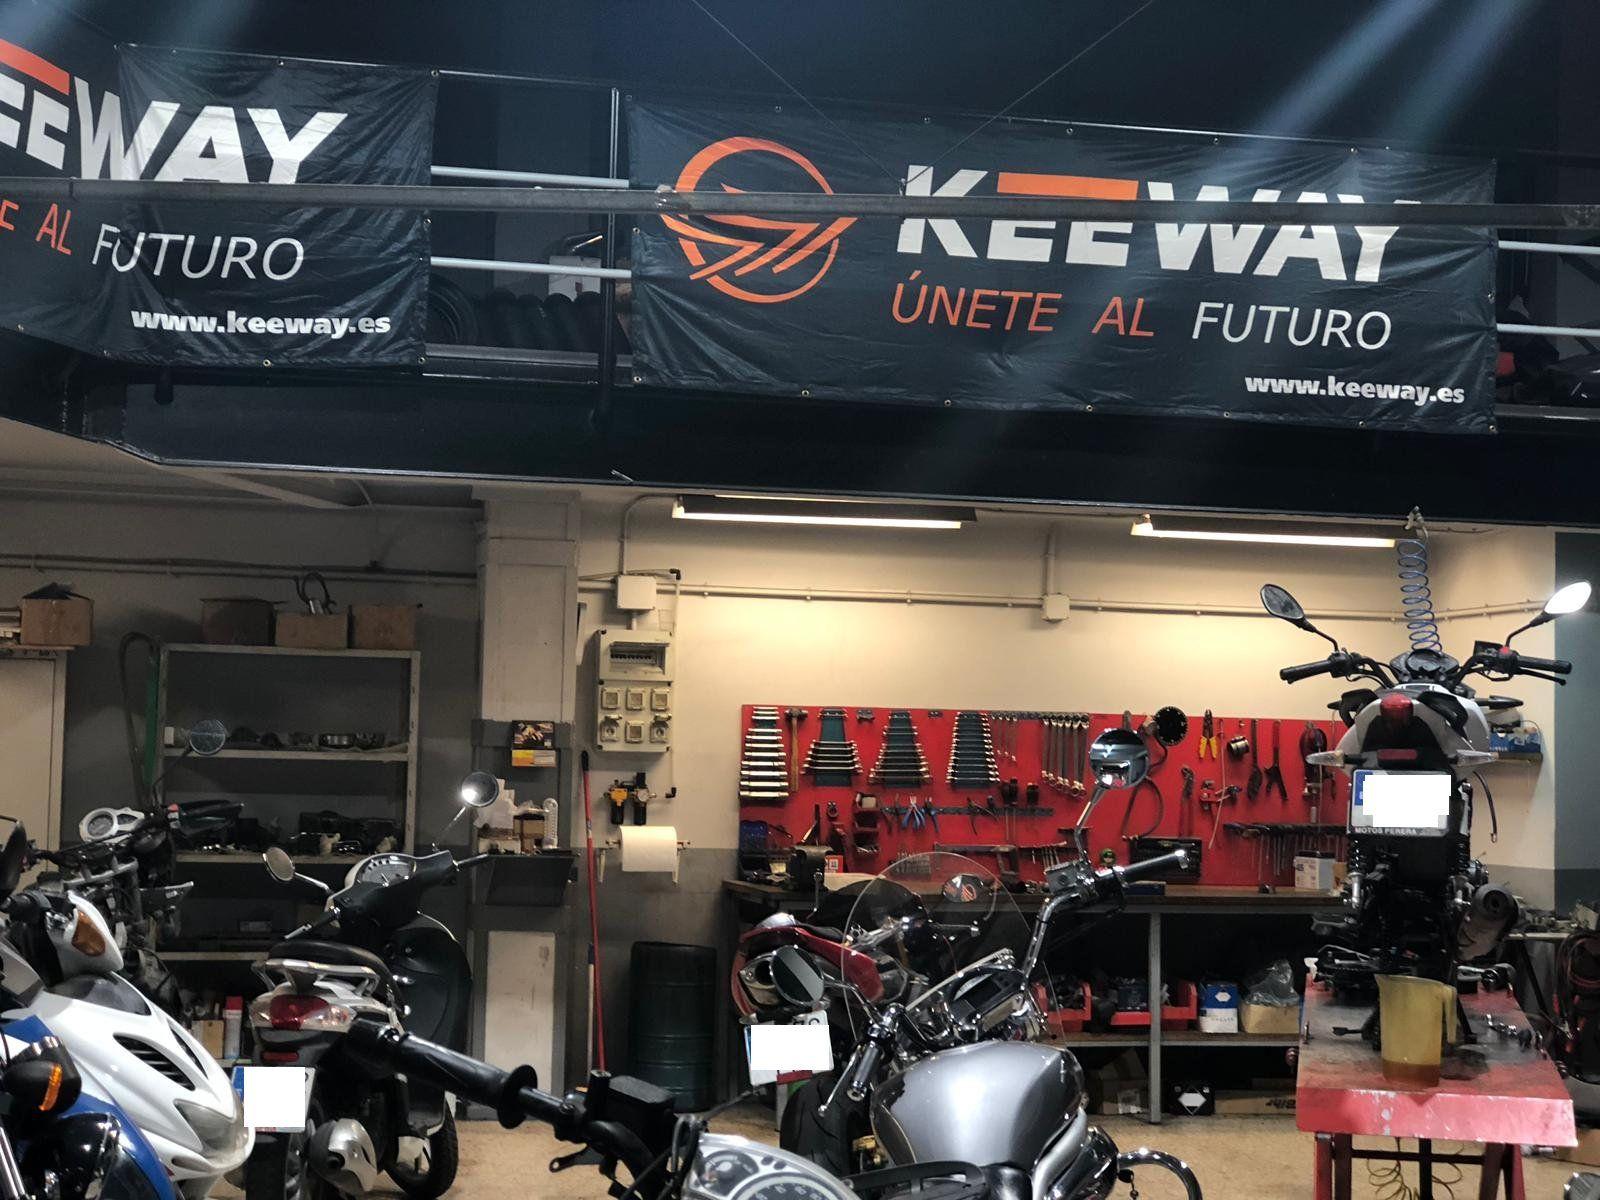 Taller de motos Lleida